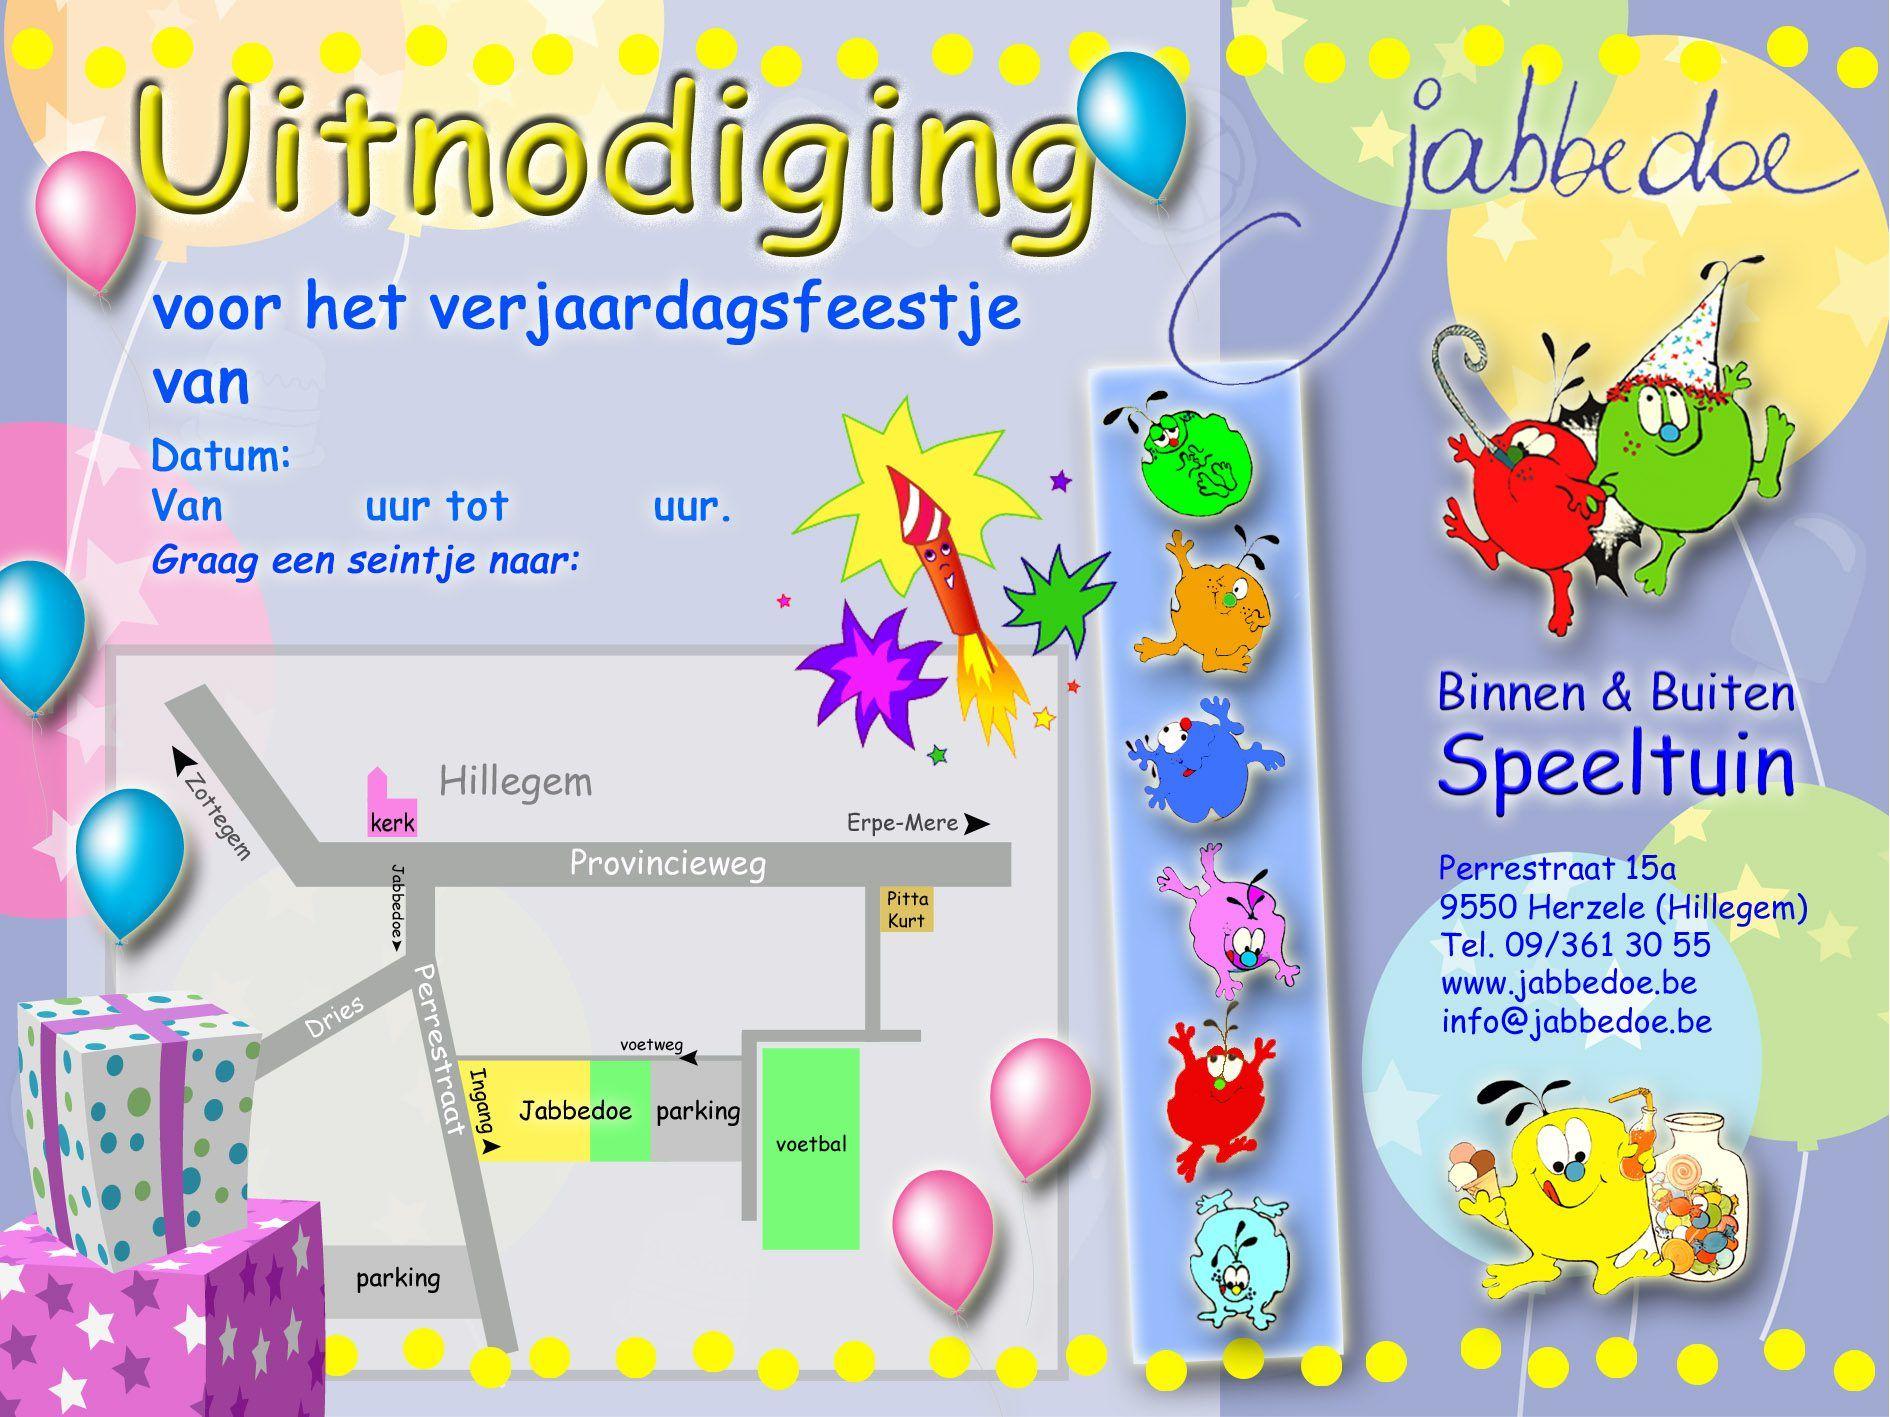 Ongekend Uitnodiging Verjaardag Kind : Uitnodiging Verjaardag Kind 5 Jaar IG-07